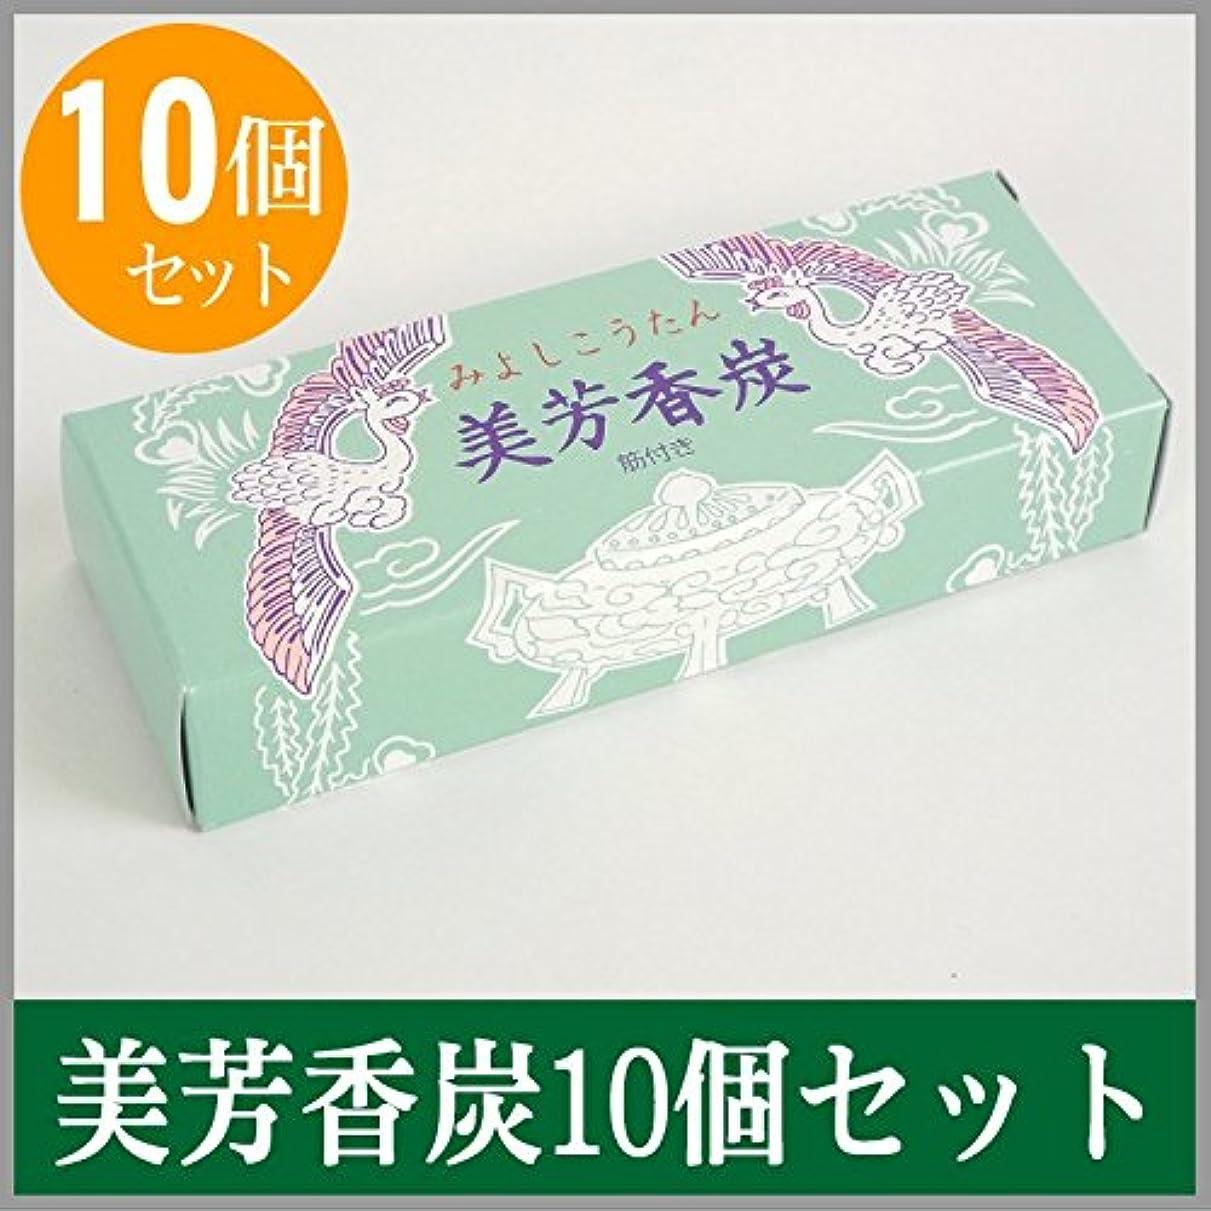 美芳香炭(みよしこうたん) 10個セット